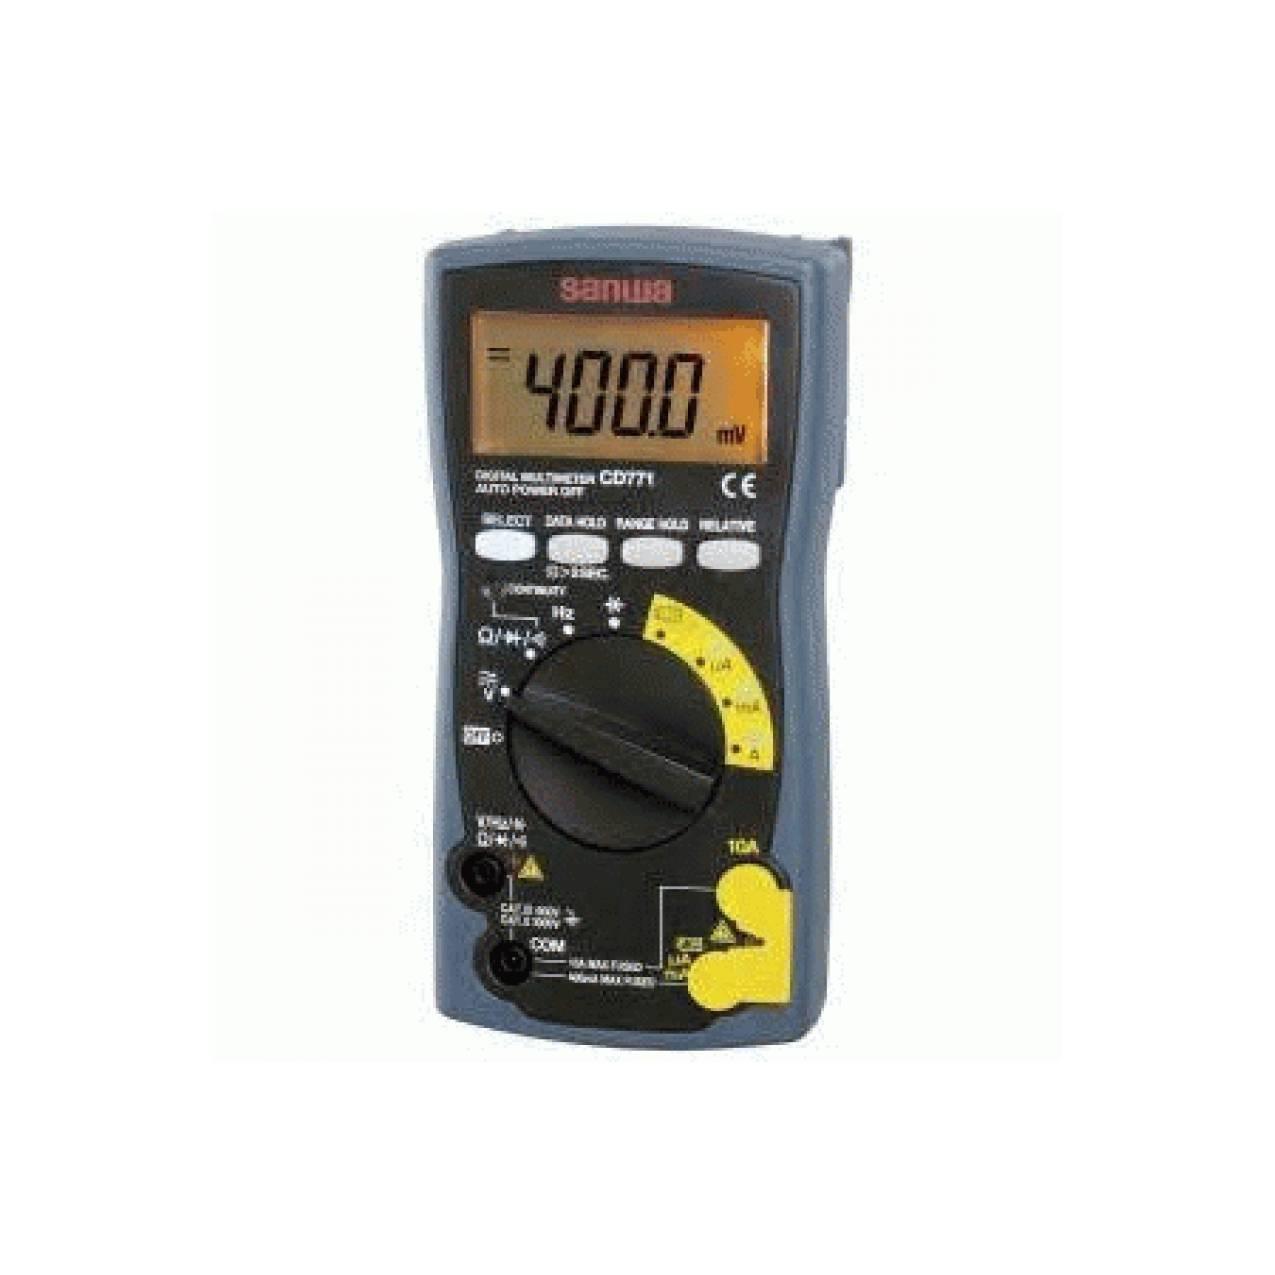 digital multitester / digital multimeter SANWA CD771 ORIGINAL